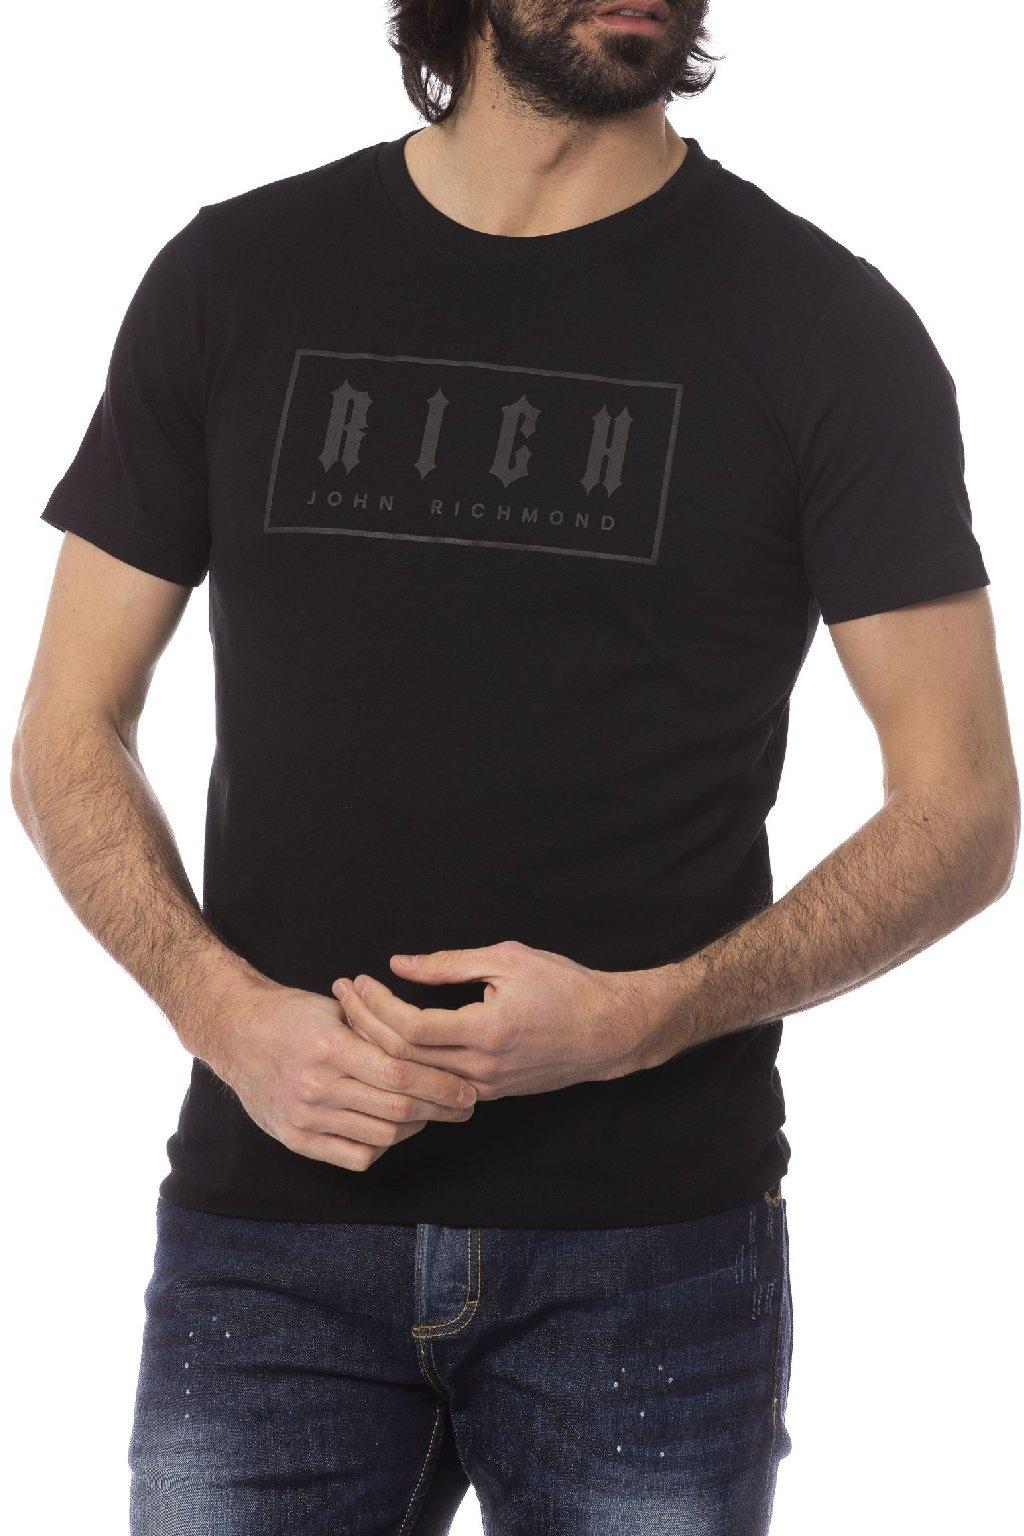 Luxusni tricko John Richmond cerne (3)